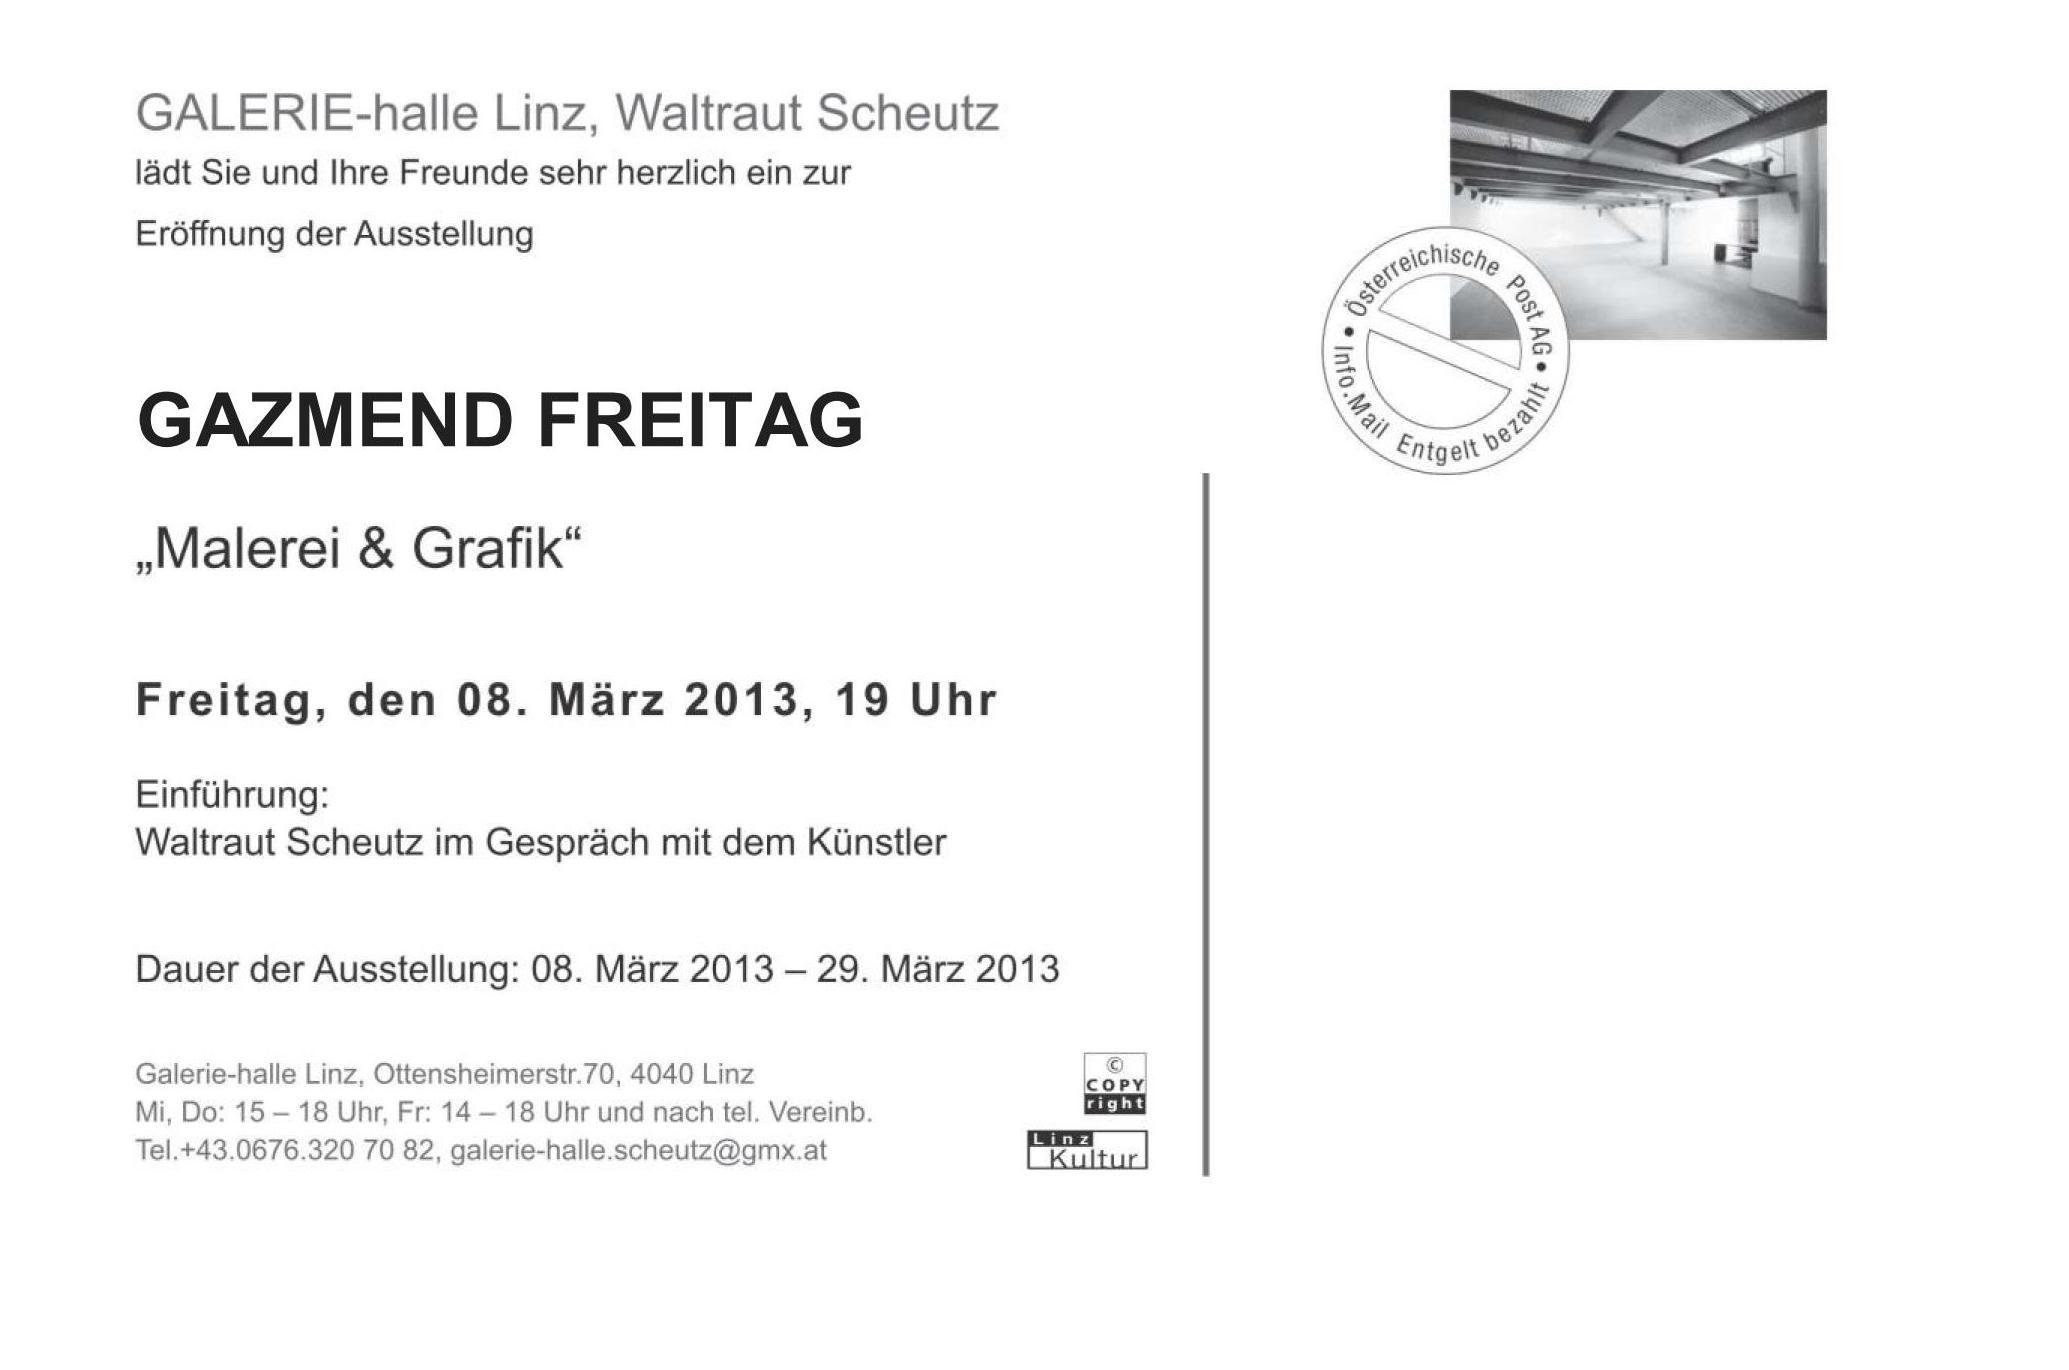 """Einladung zur Eröffnung der Ausstellung """"Malerei & Grafik"""" von Gazmend Freitag in der Galerie-halle Linz"""